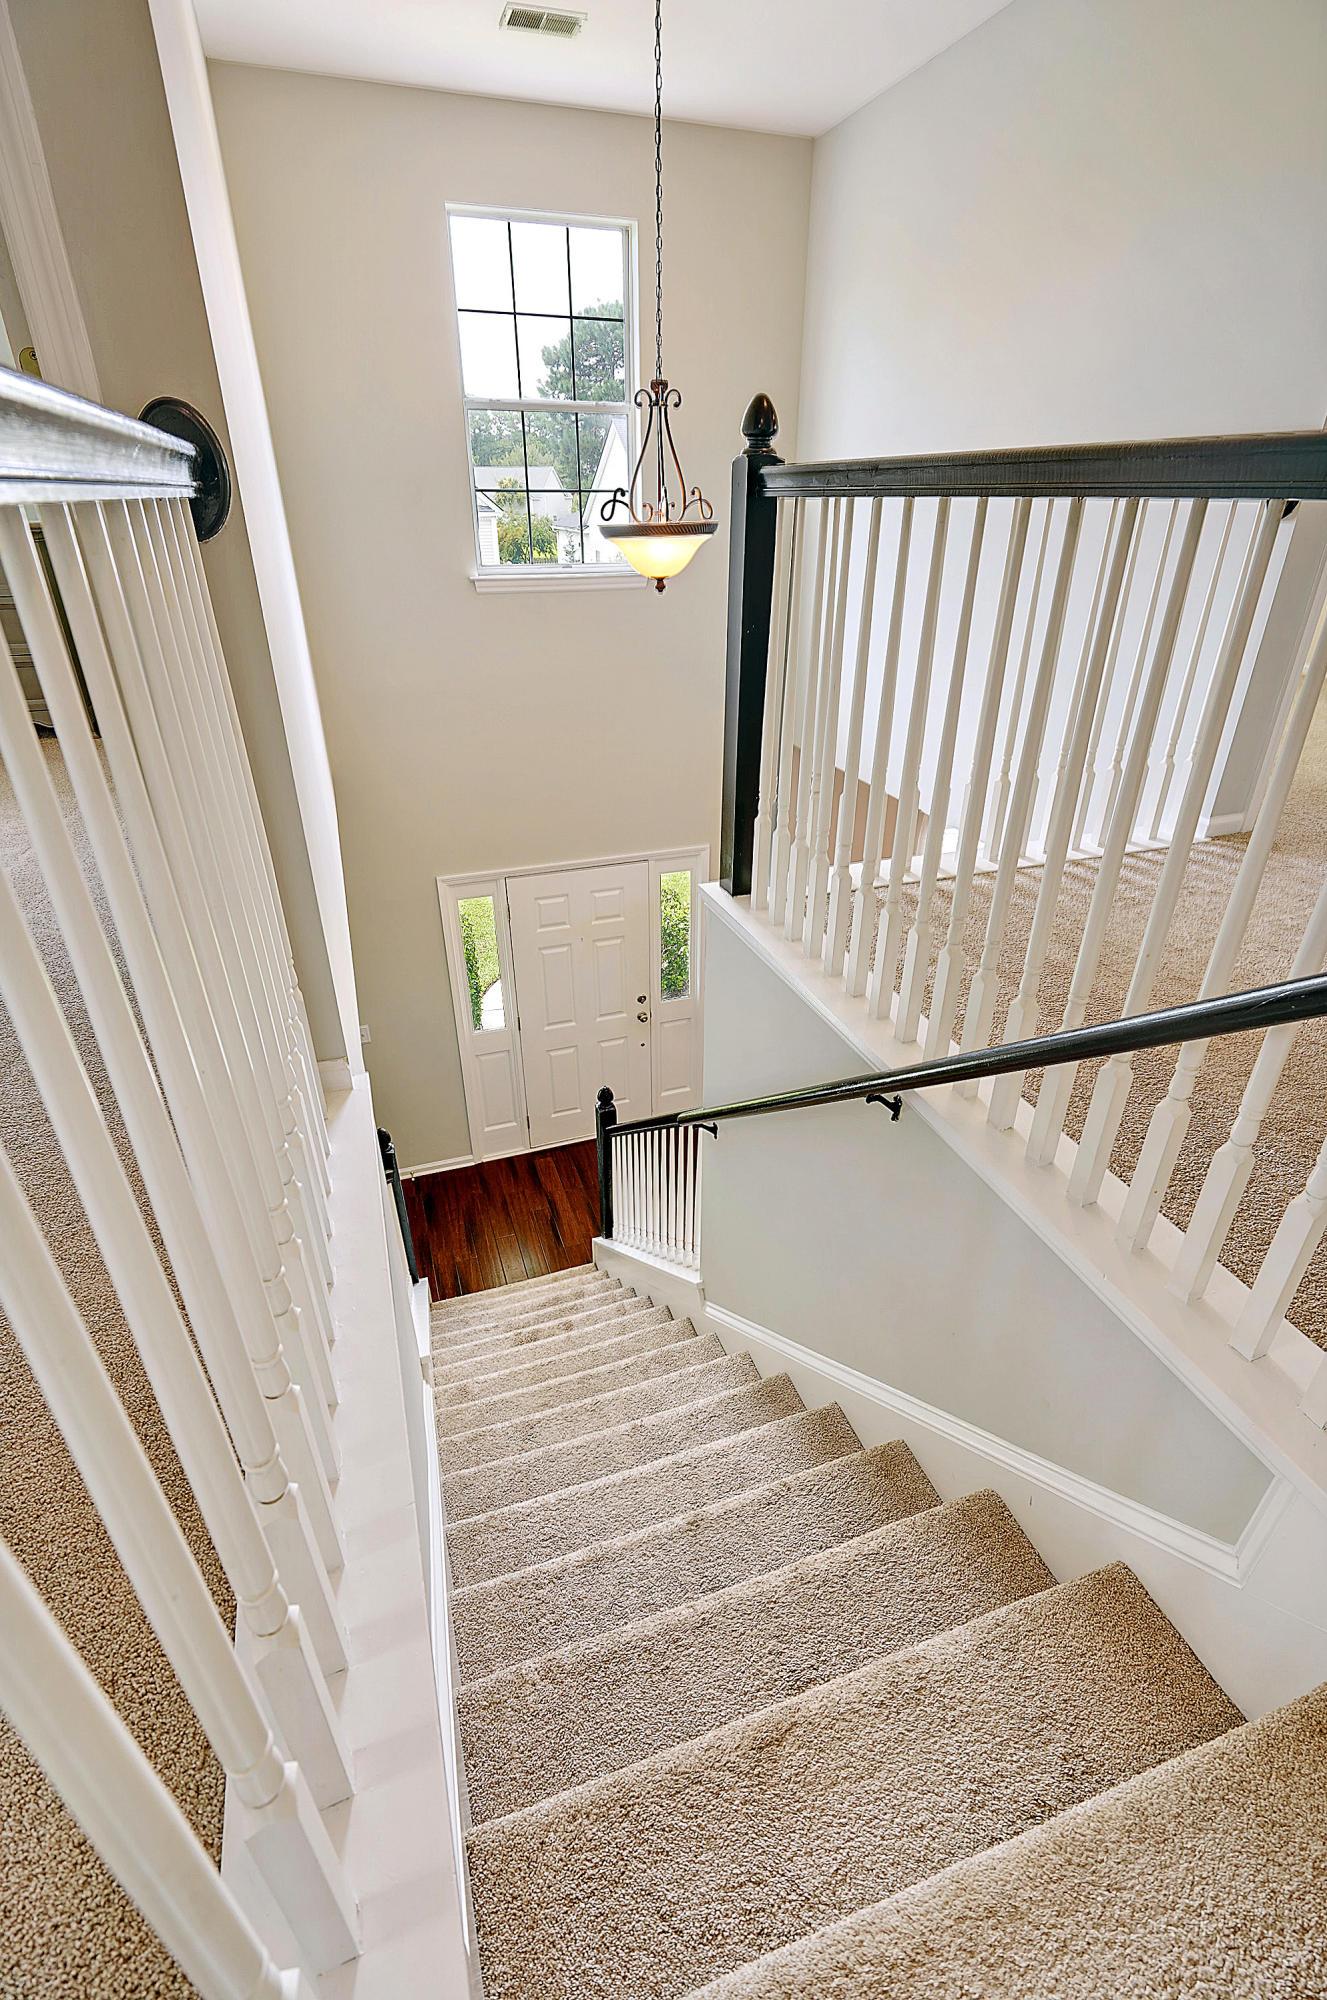 Park West Homes For Sale - 2391 Parsonage Woods, Mount Pleasant, SC - 45